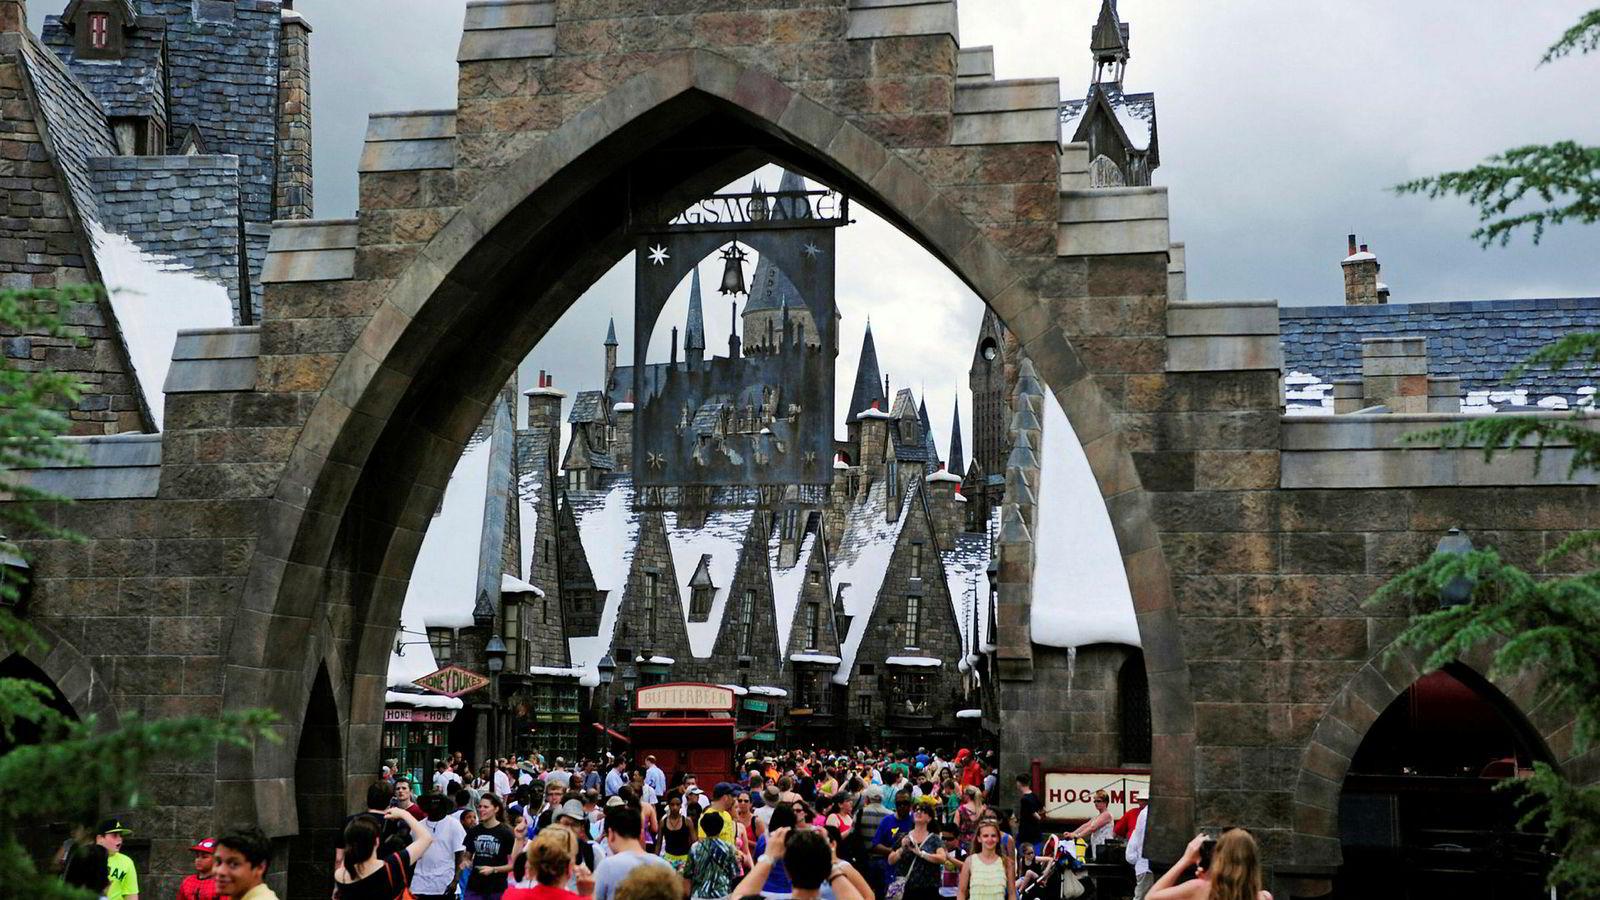 Professor Uffert fra Harry Potter-bøkene illustrerer en nesten perfekt endringsprosess. Uffert ankommer Galtvort med et klart endringsmandat fra bestillermyndigheten. Hun innynder seg med stor sjarm, effektiviserer pensum og reduserer antall ansatte. Studenter og ansatte settes opp mot hverandre i en prosess der mediene utnyttes forbilledlig.